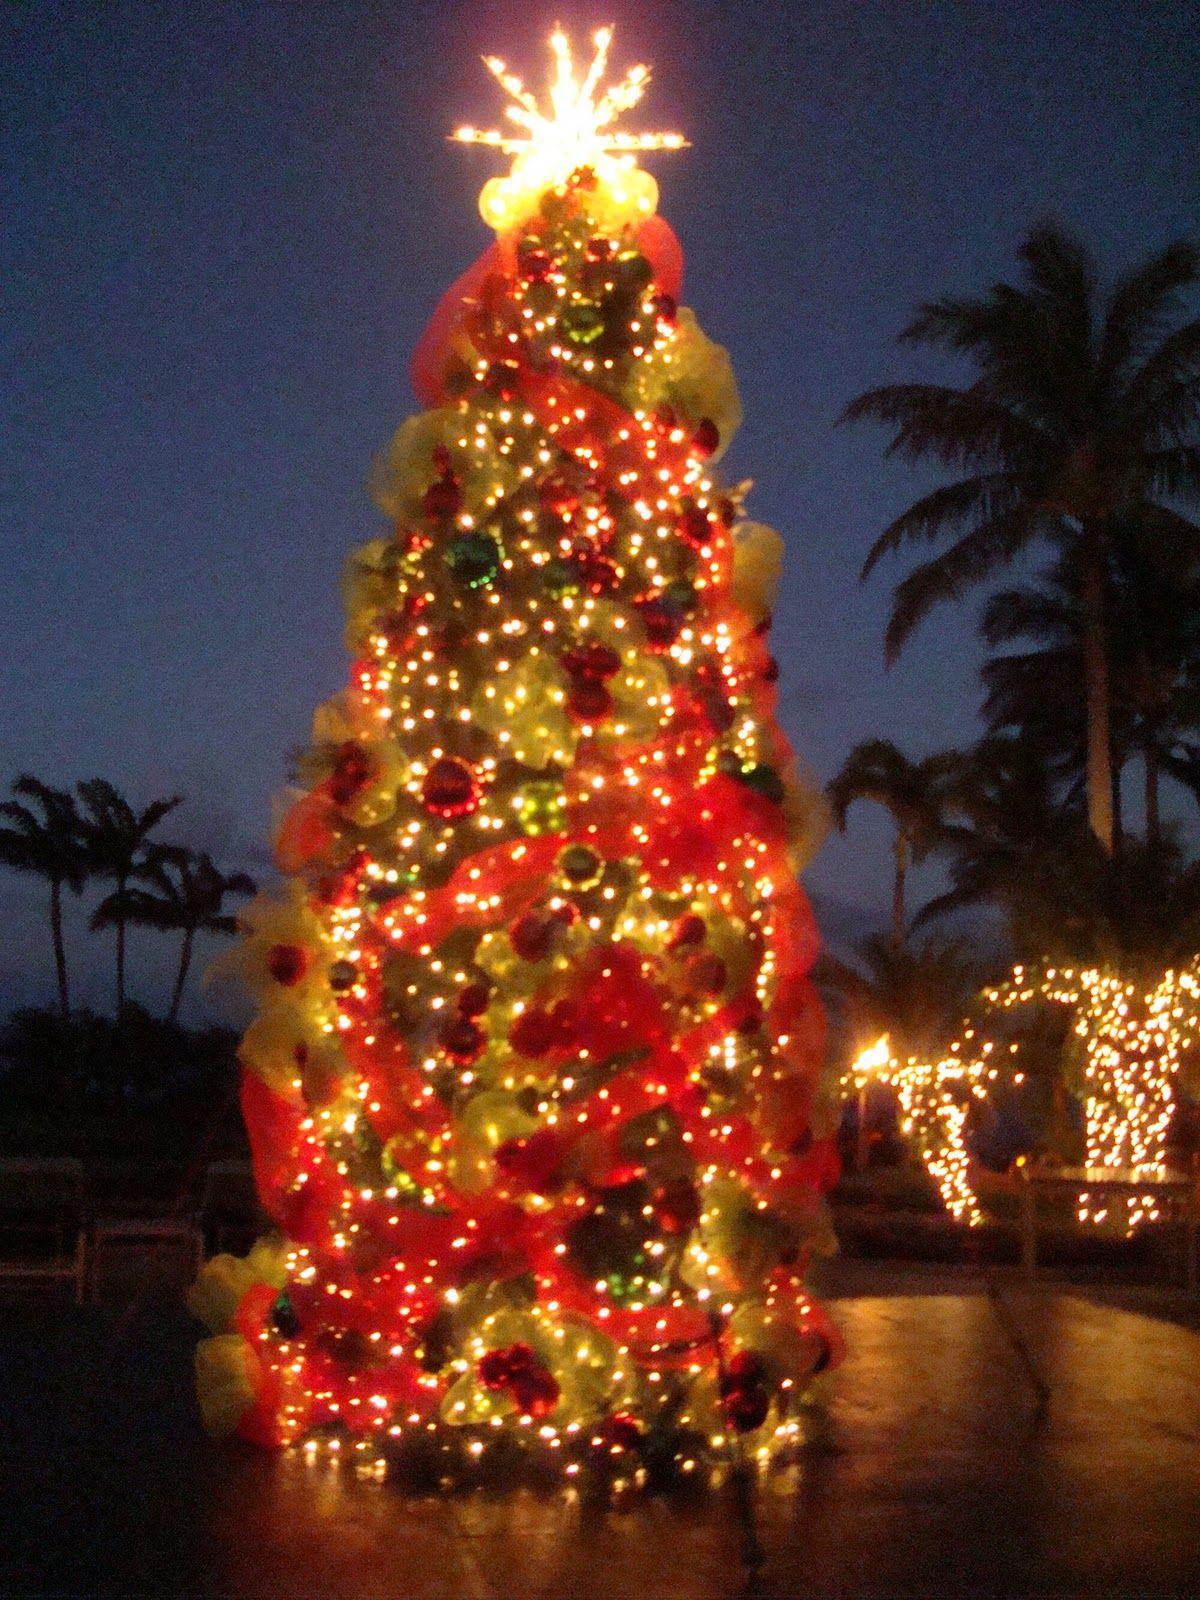 mele kalikimaka is hawaiian word for merry christmas - Merry Christmas In Hawaiian Language